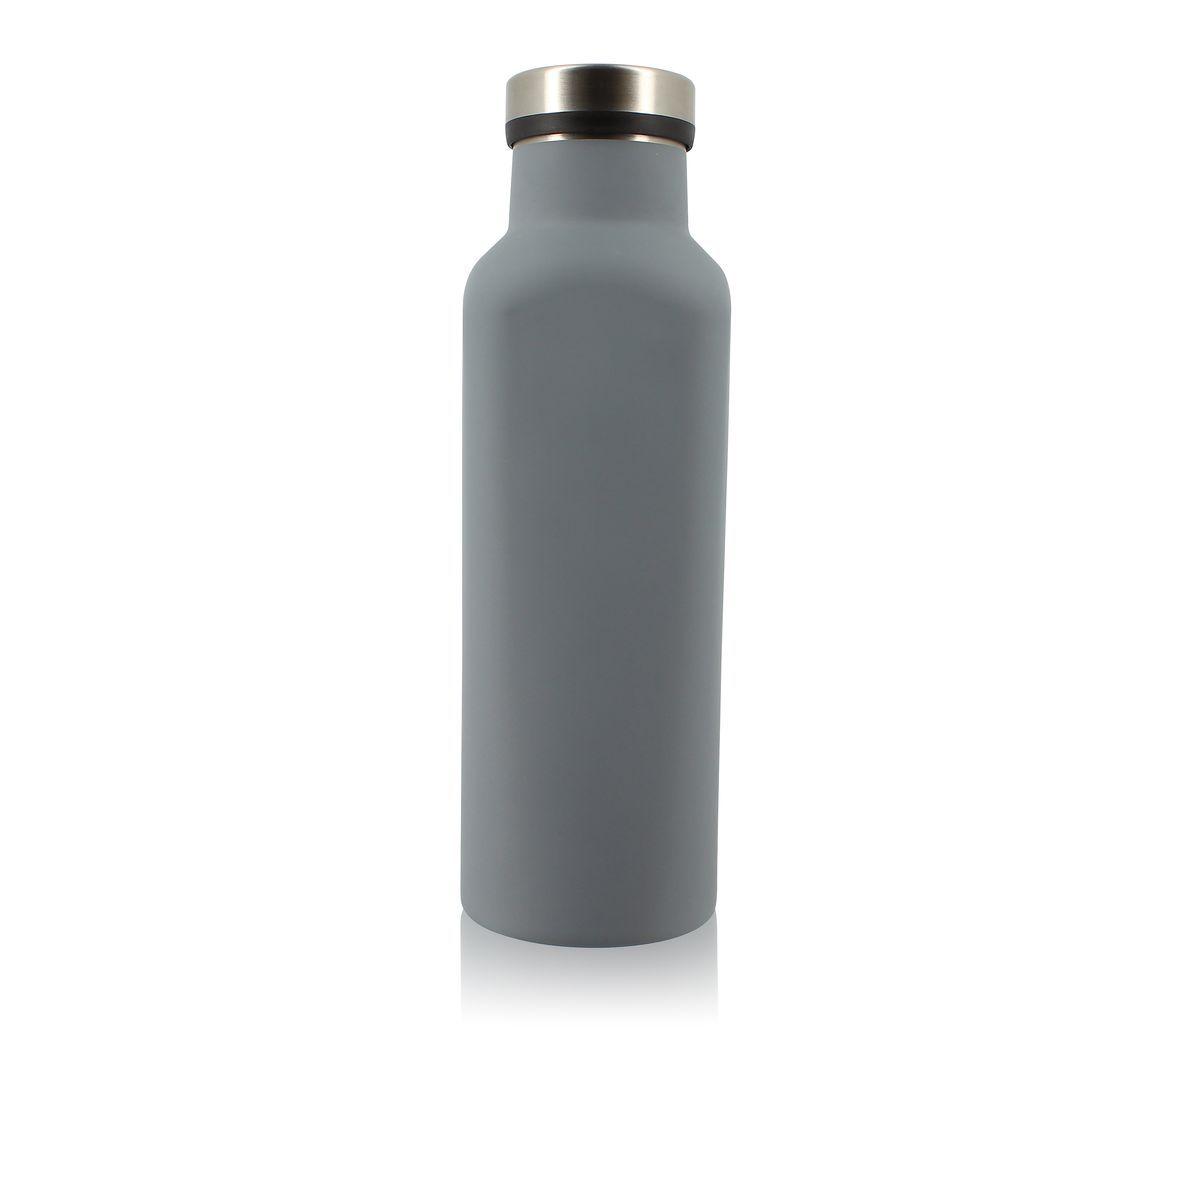 Bouteille en acier inoxydable 480 ml